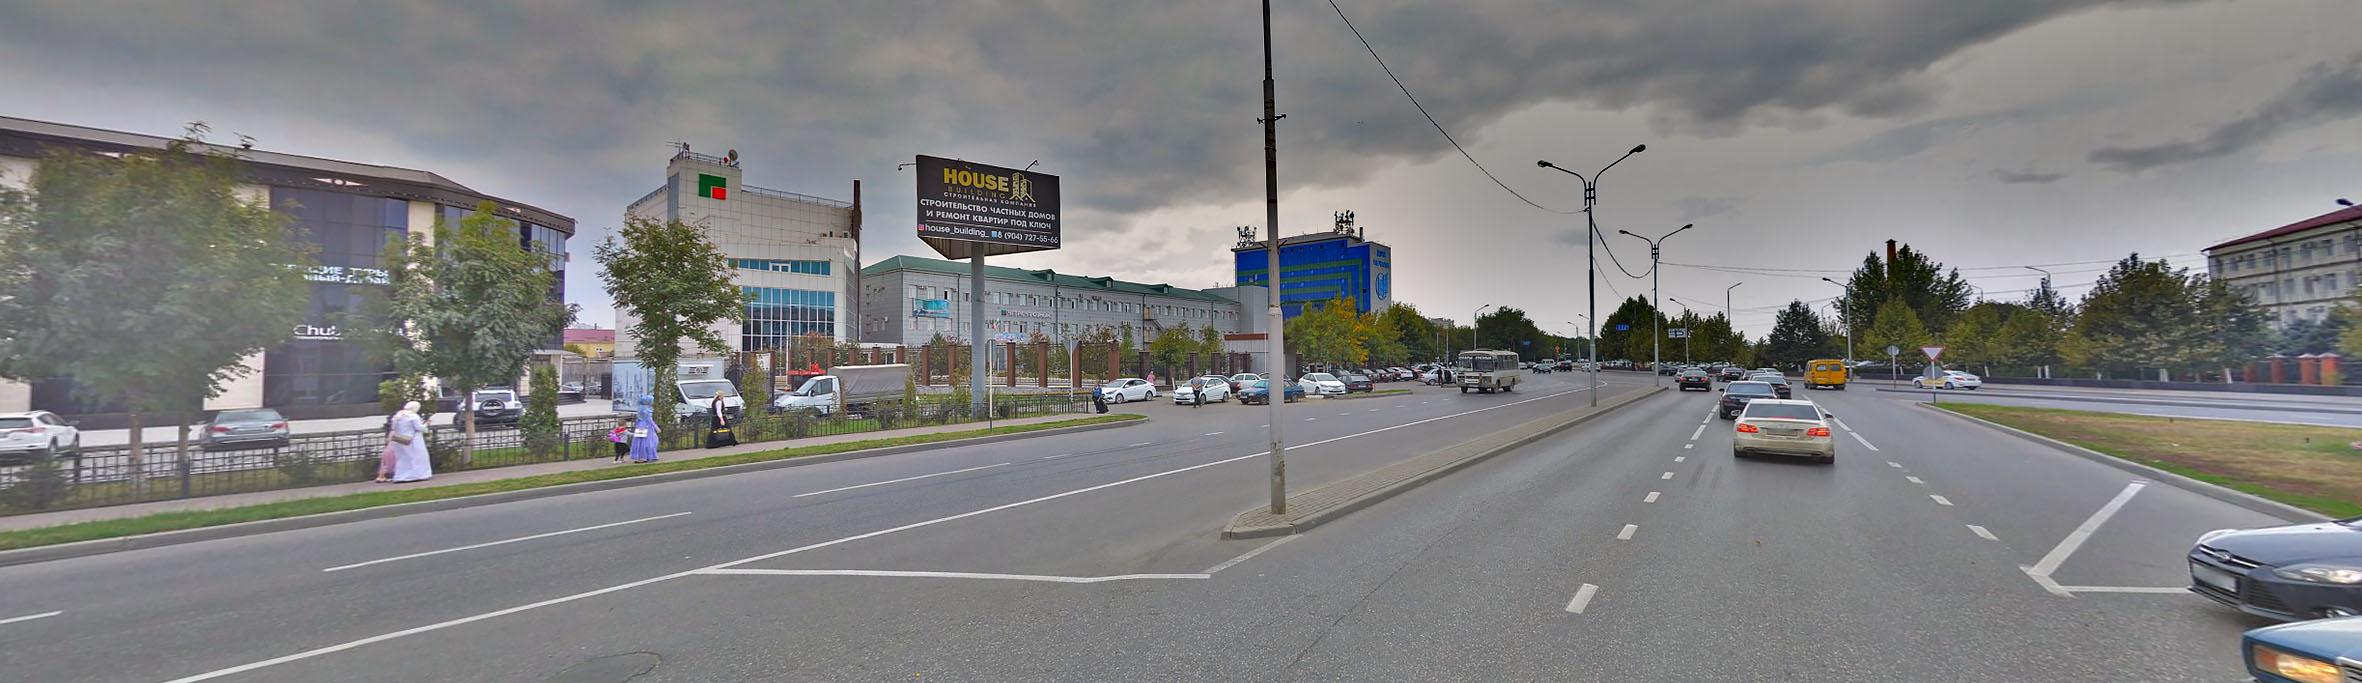 Реклама на билбордах в Чеченской Республике 3х6